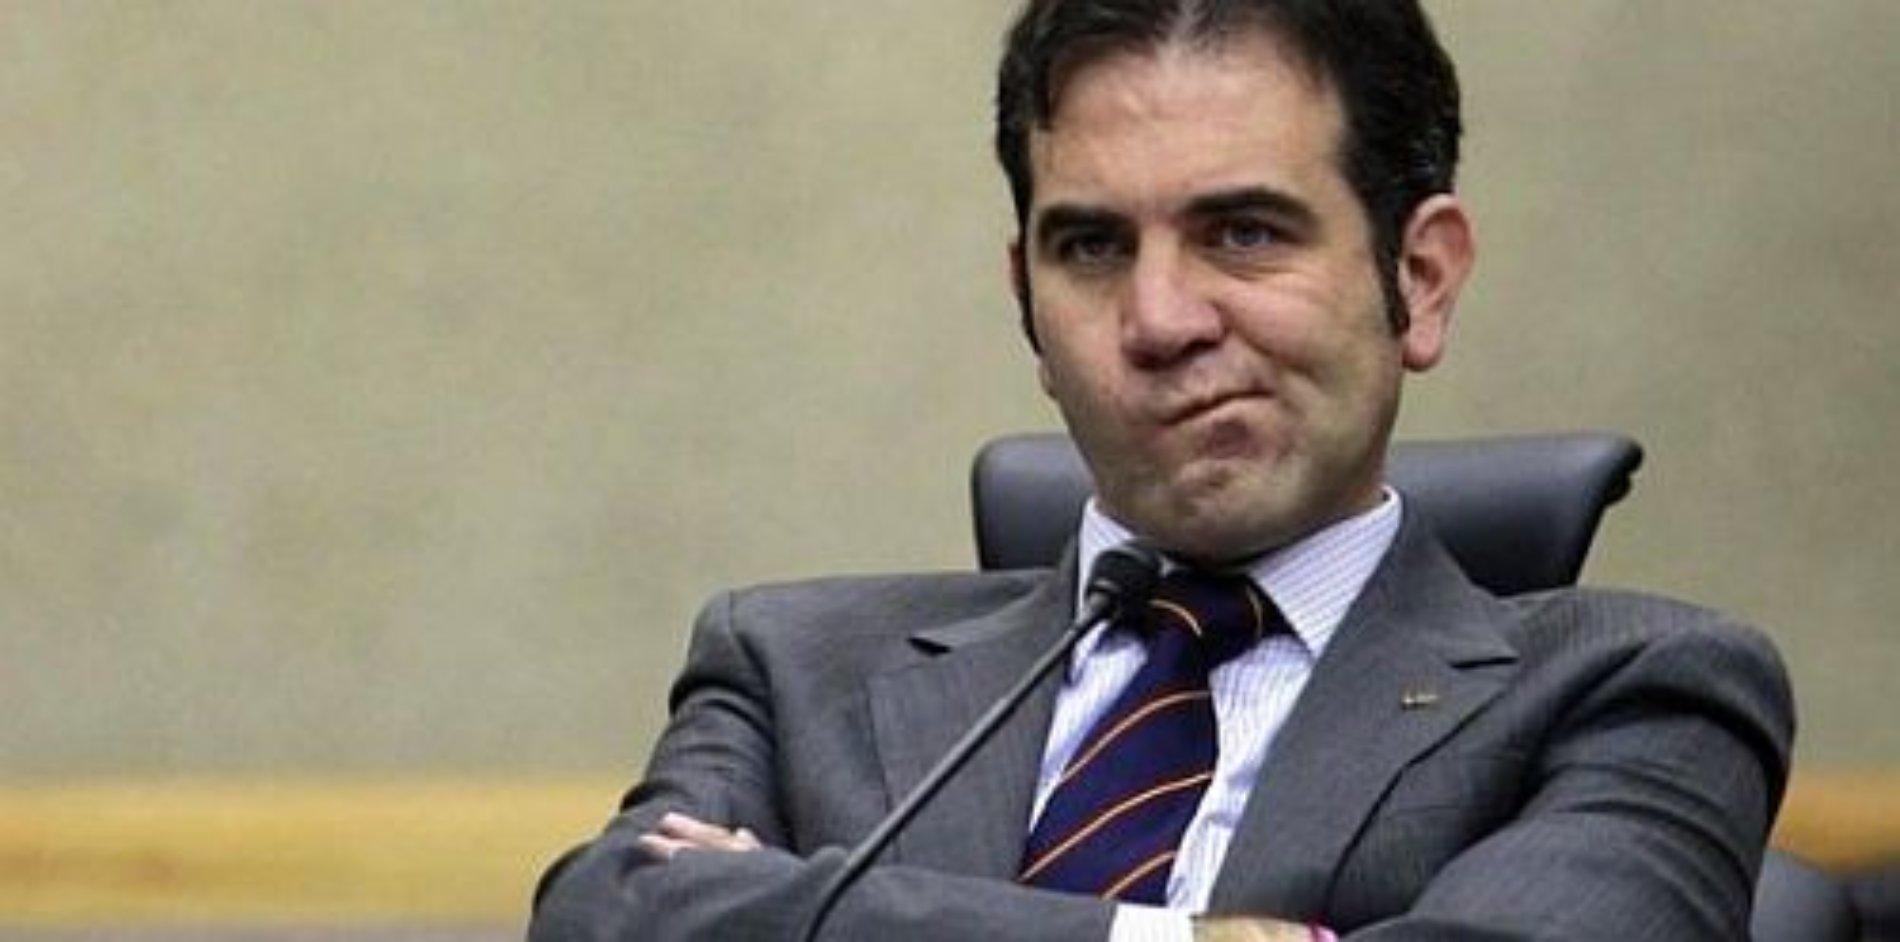 El INE da permiso a partidos para donar ¿Cual pretexto pondrán ahora?